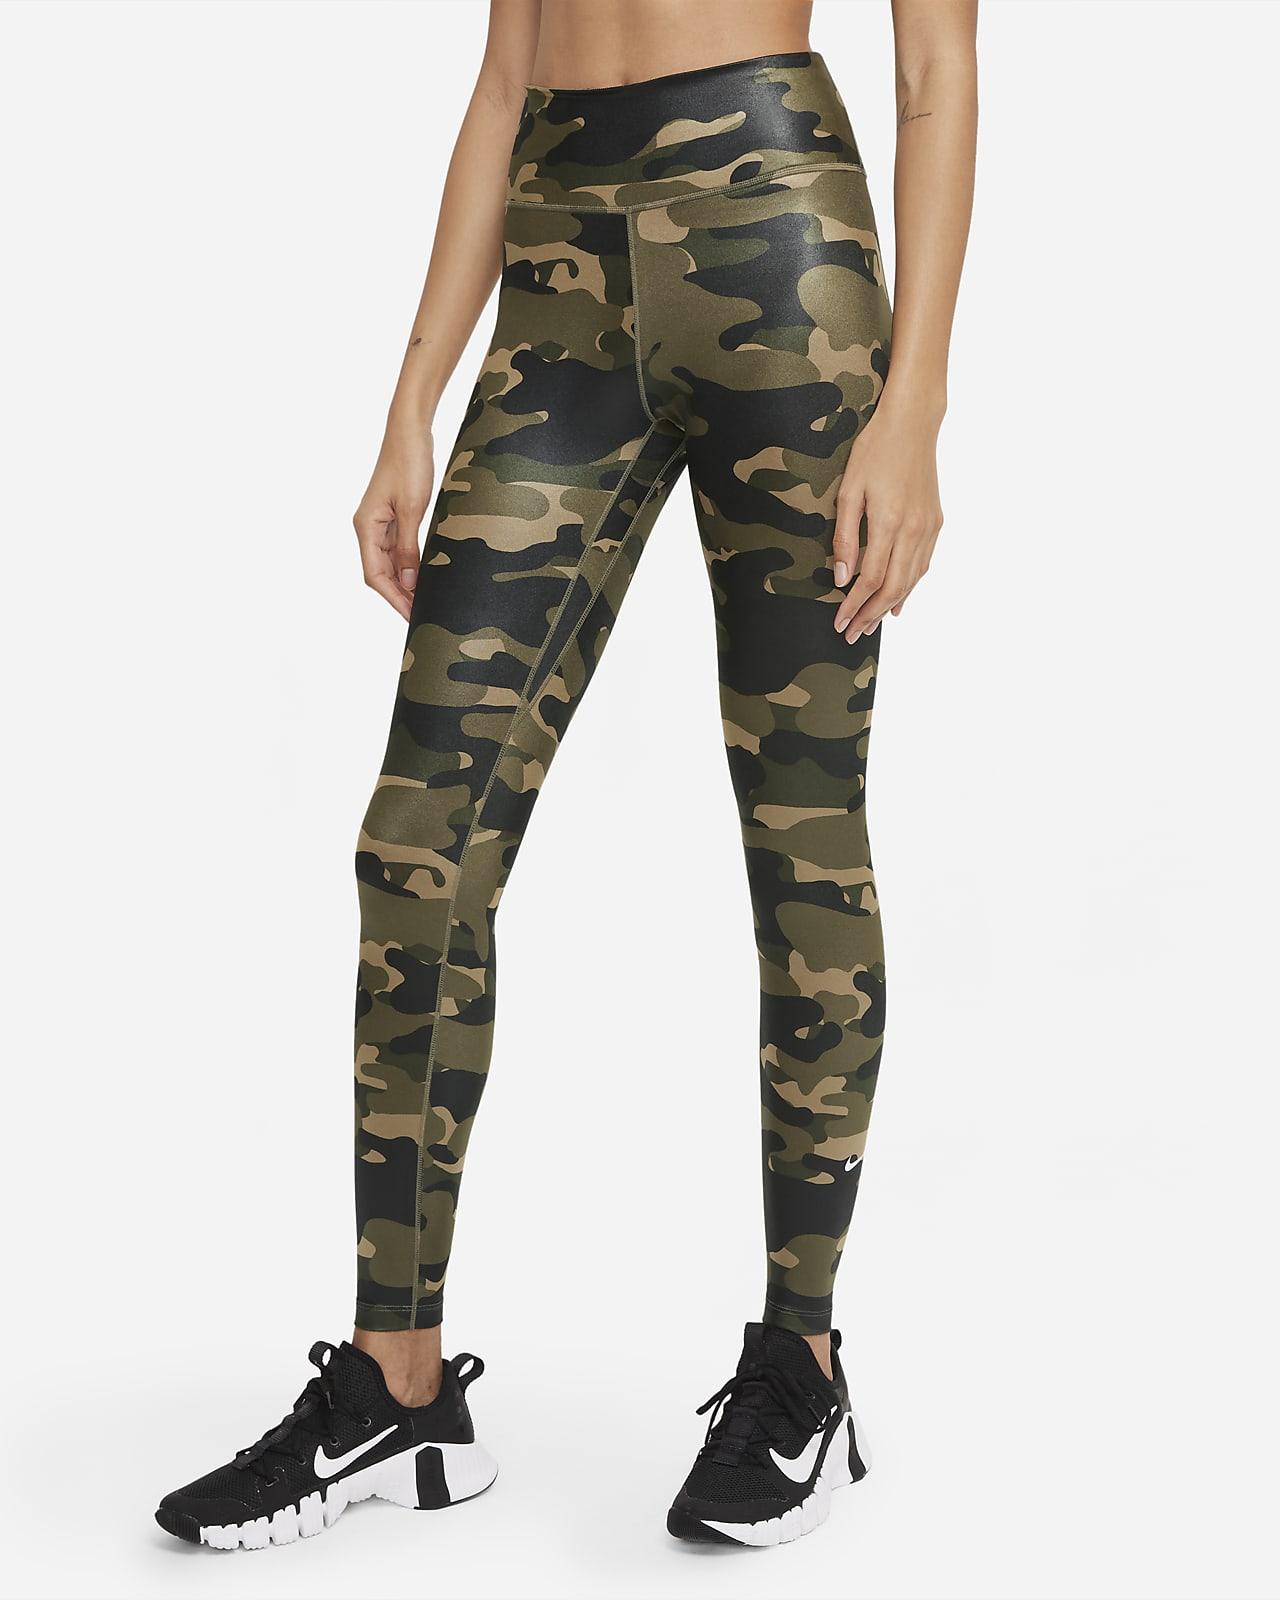 Nike Dri-FIT One kamuflasjemønstret leggings med mellomhøyt liv til dame